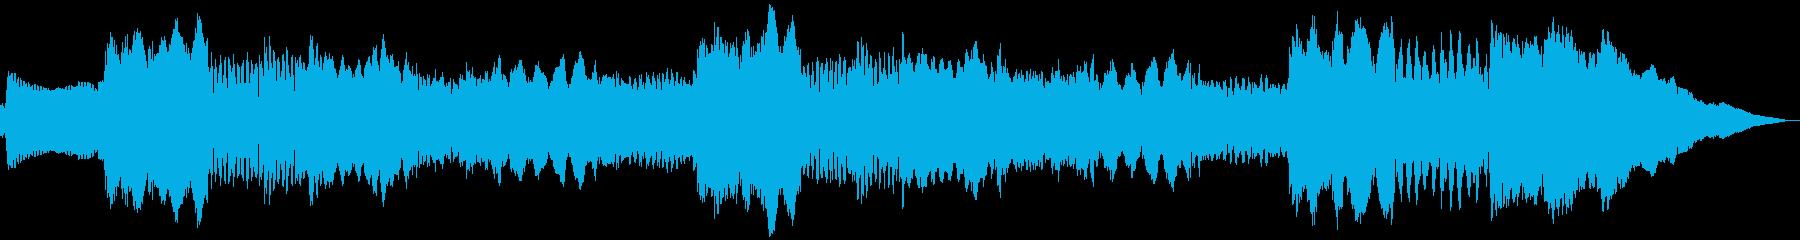 5秒CM用、サウンドロゴverDの再生済みの波形